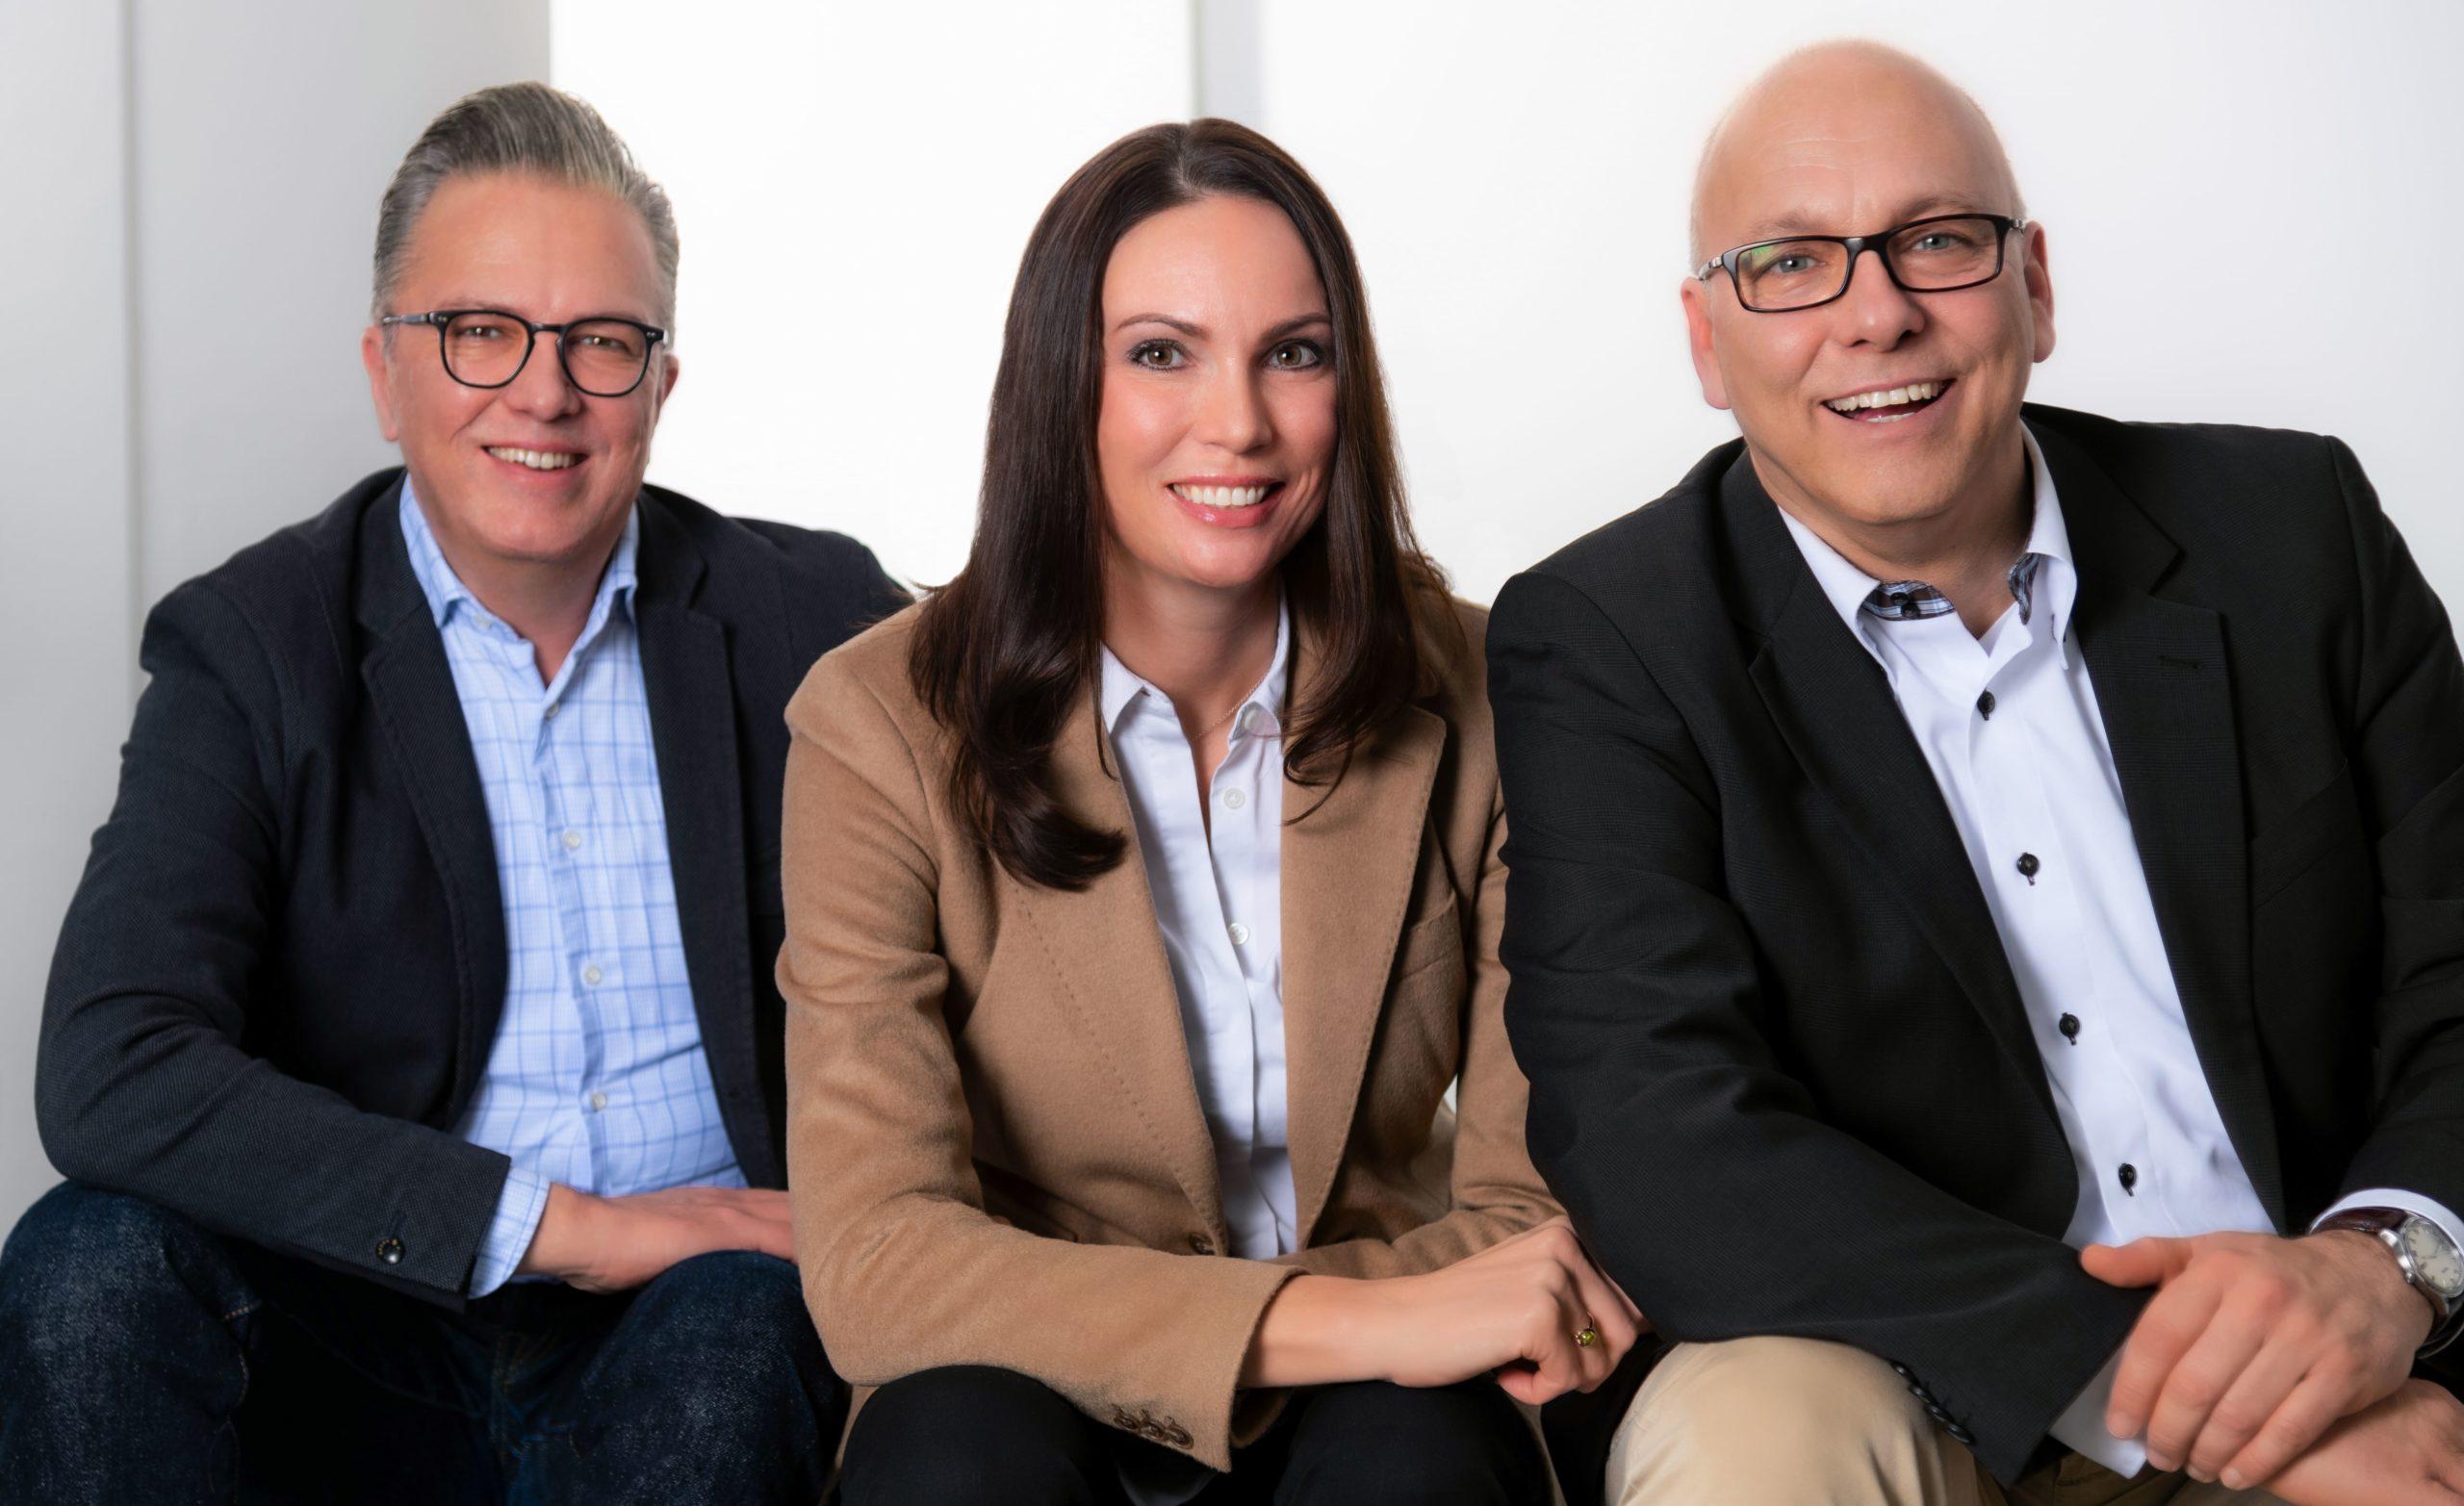 Linda Leuthäusser, Christoph Becker und Marc Poenitz bilden Ihr Coaching Team in Frankfurt für Business-Coaching, Life-Coaching sowie Seminare und Trainings